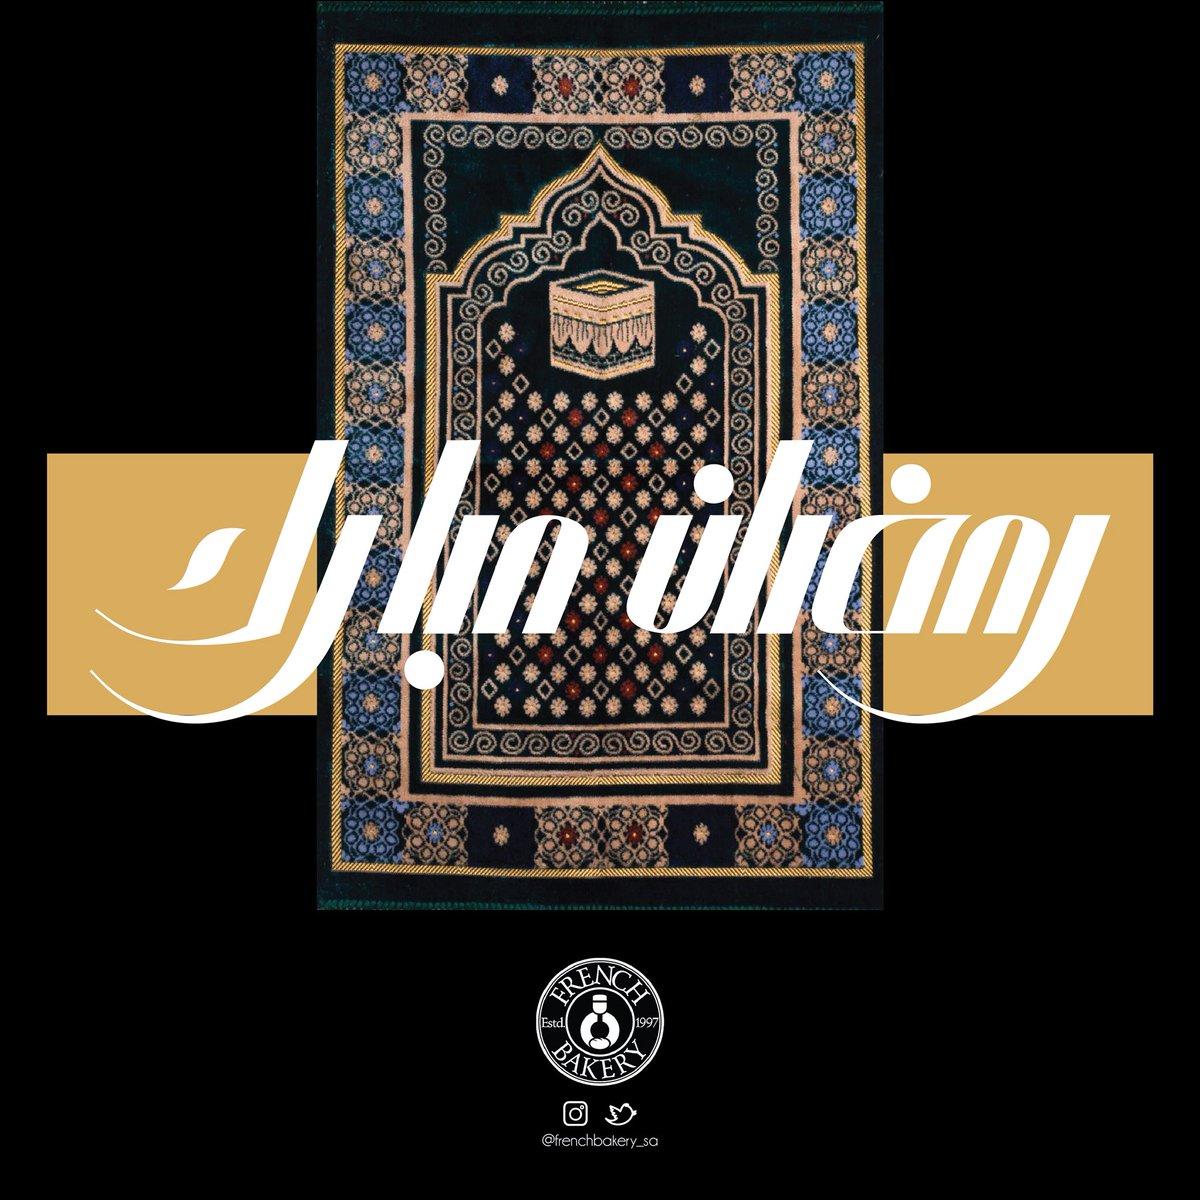 مبارك عليكم شهر رمضان الكريم 💛🌙  يسعدنا استقبالكم يومياً خلال شهر رمضان  من الساعة ٥ مساءً حتى ١ بعد منتصف الليل https://t.co/Wh5g6SNHp5